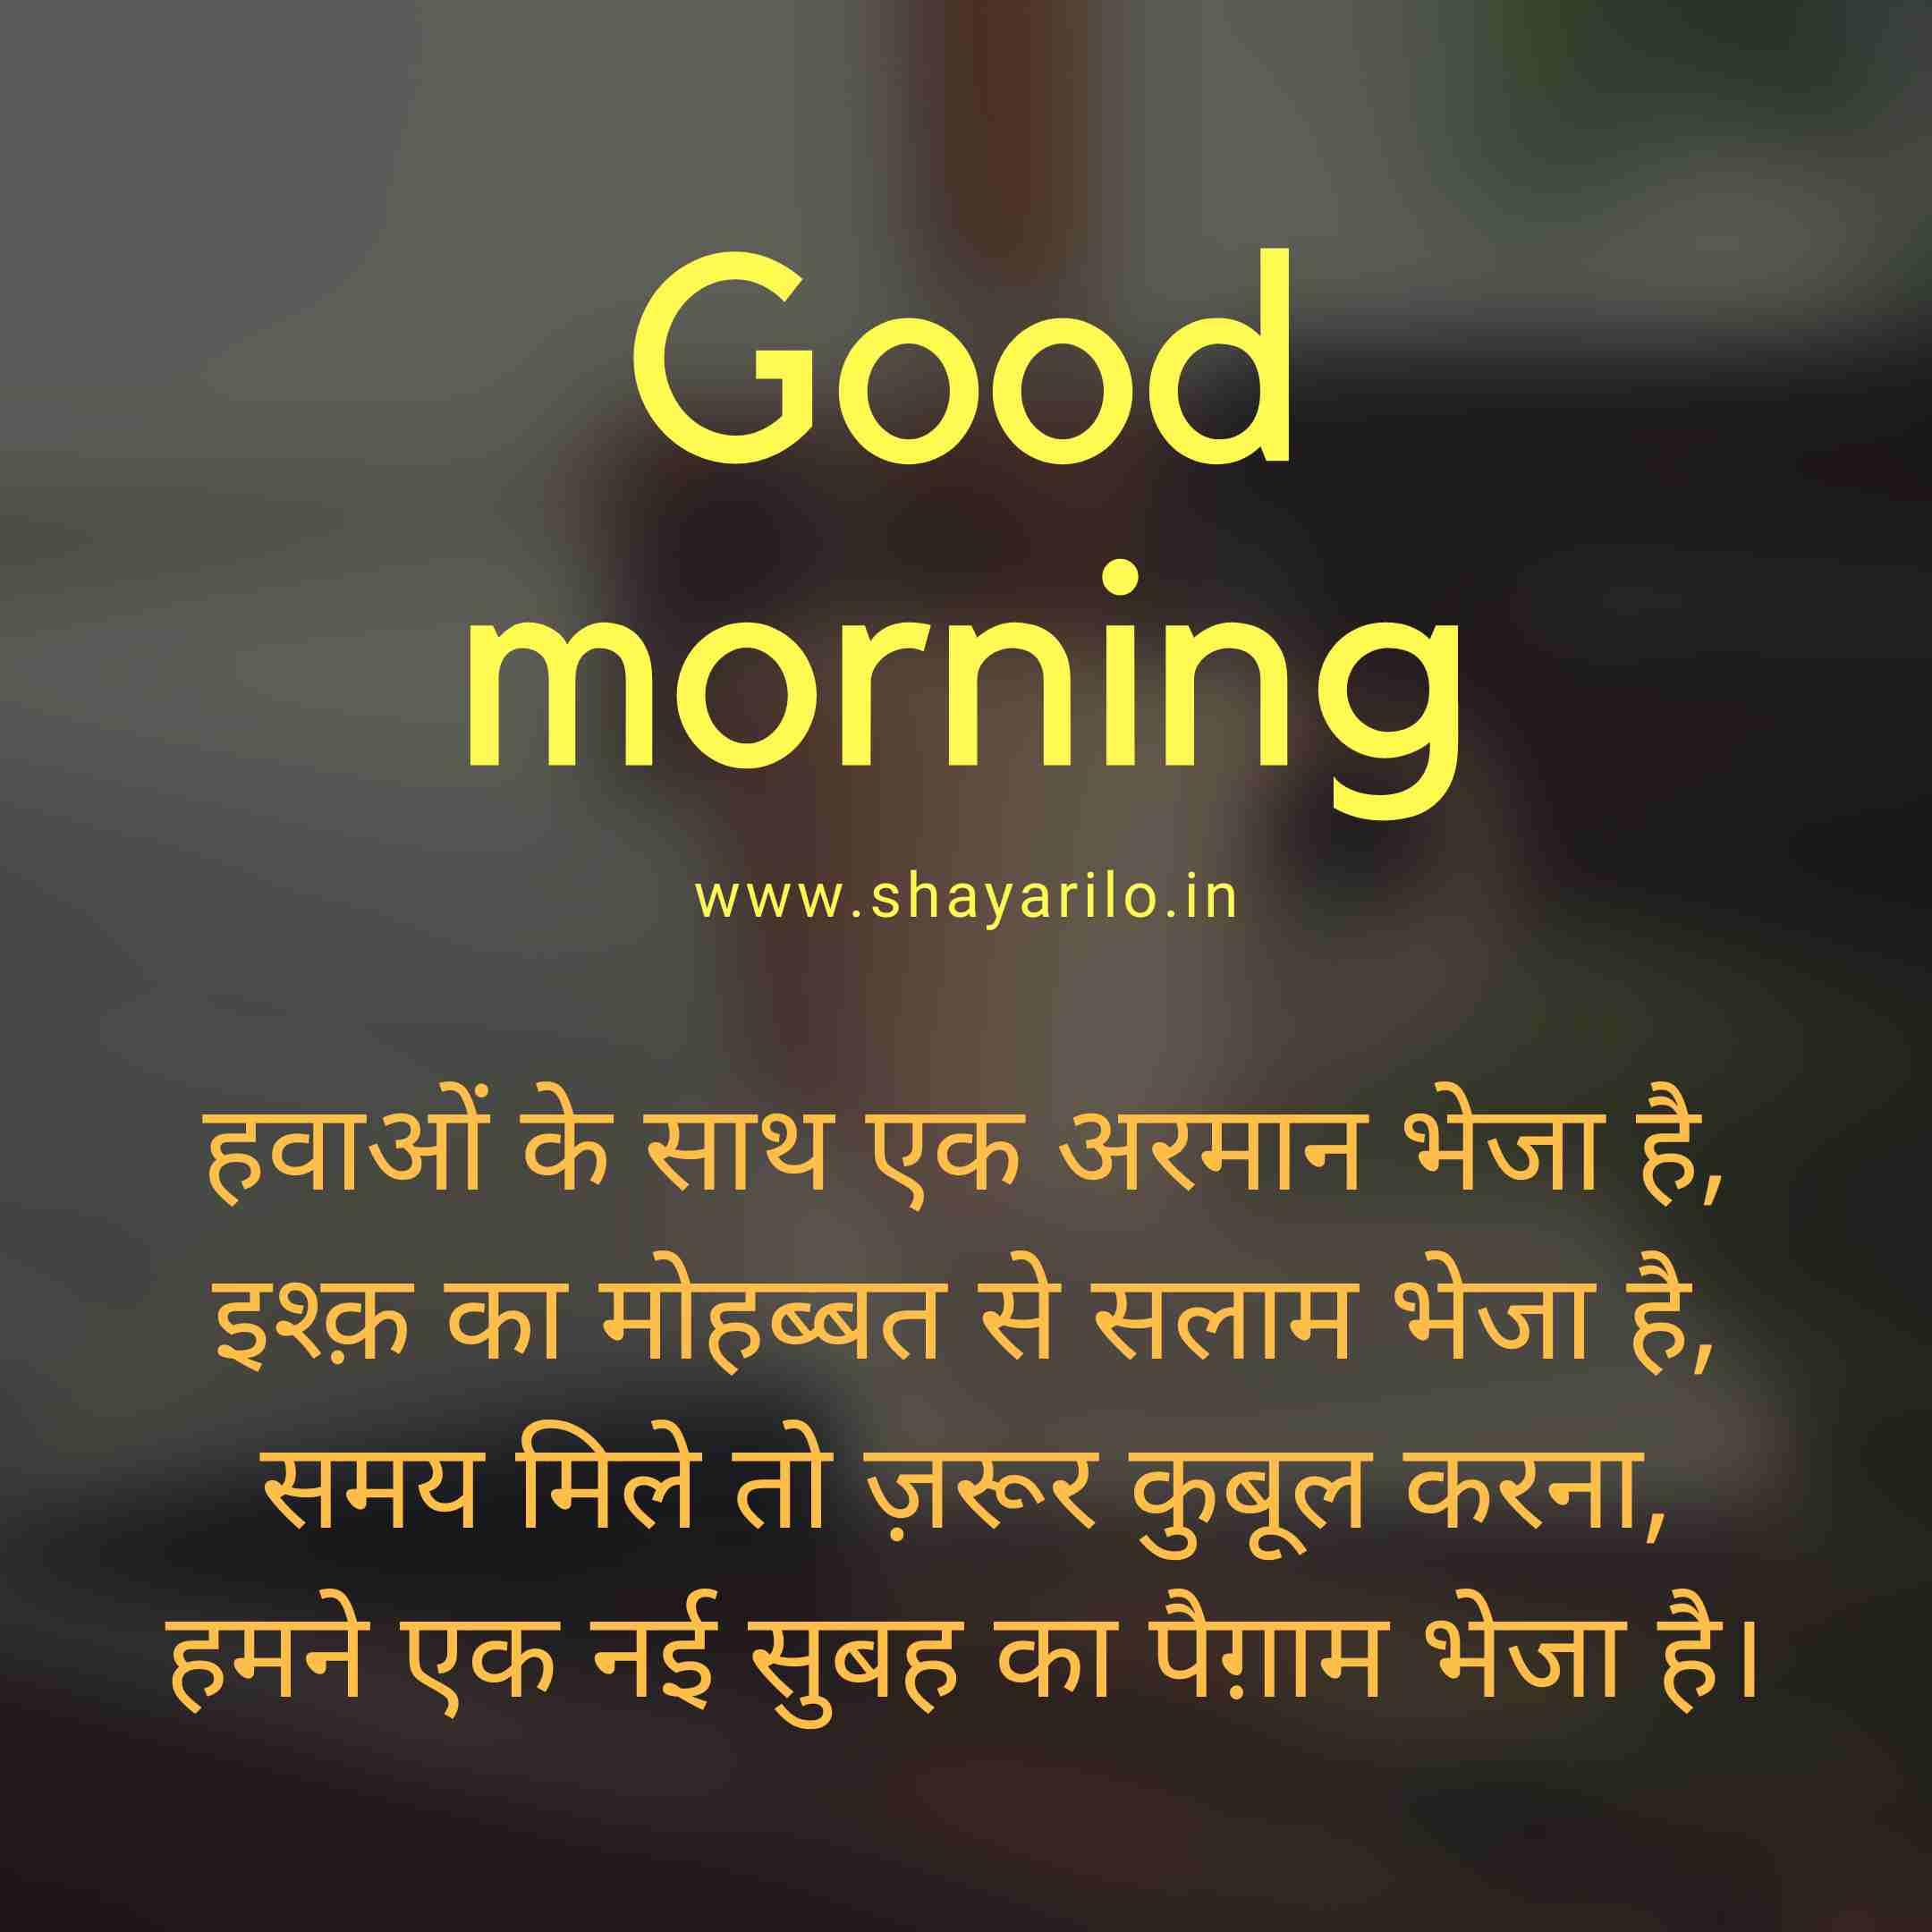 Good morning love shayari in hindi font and image